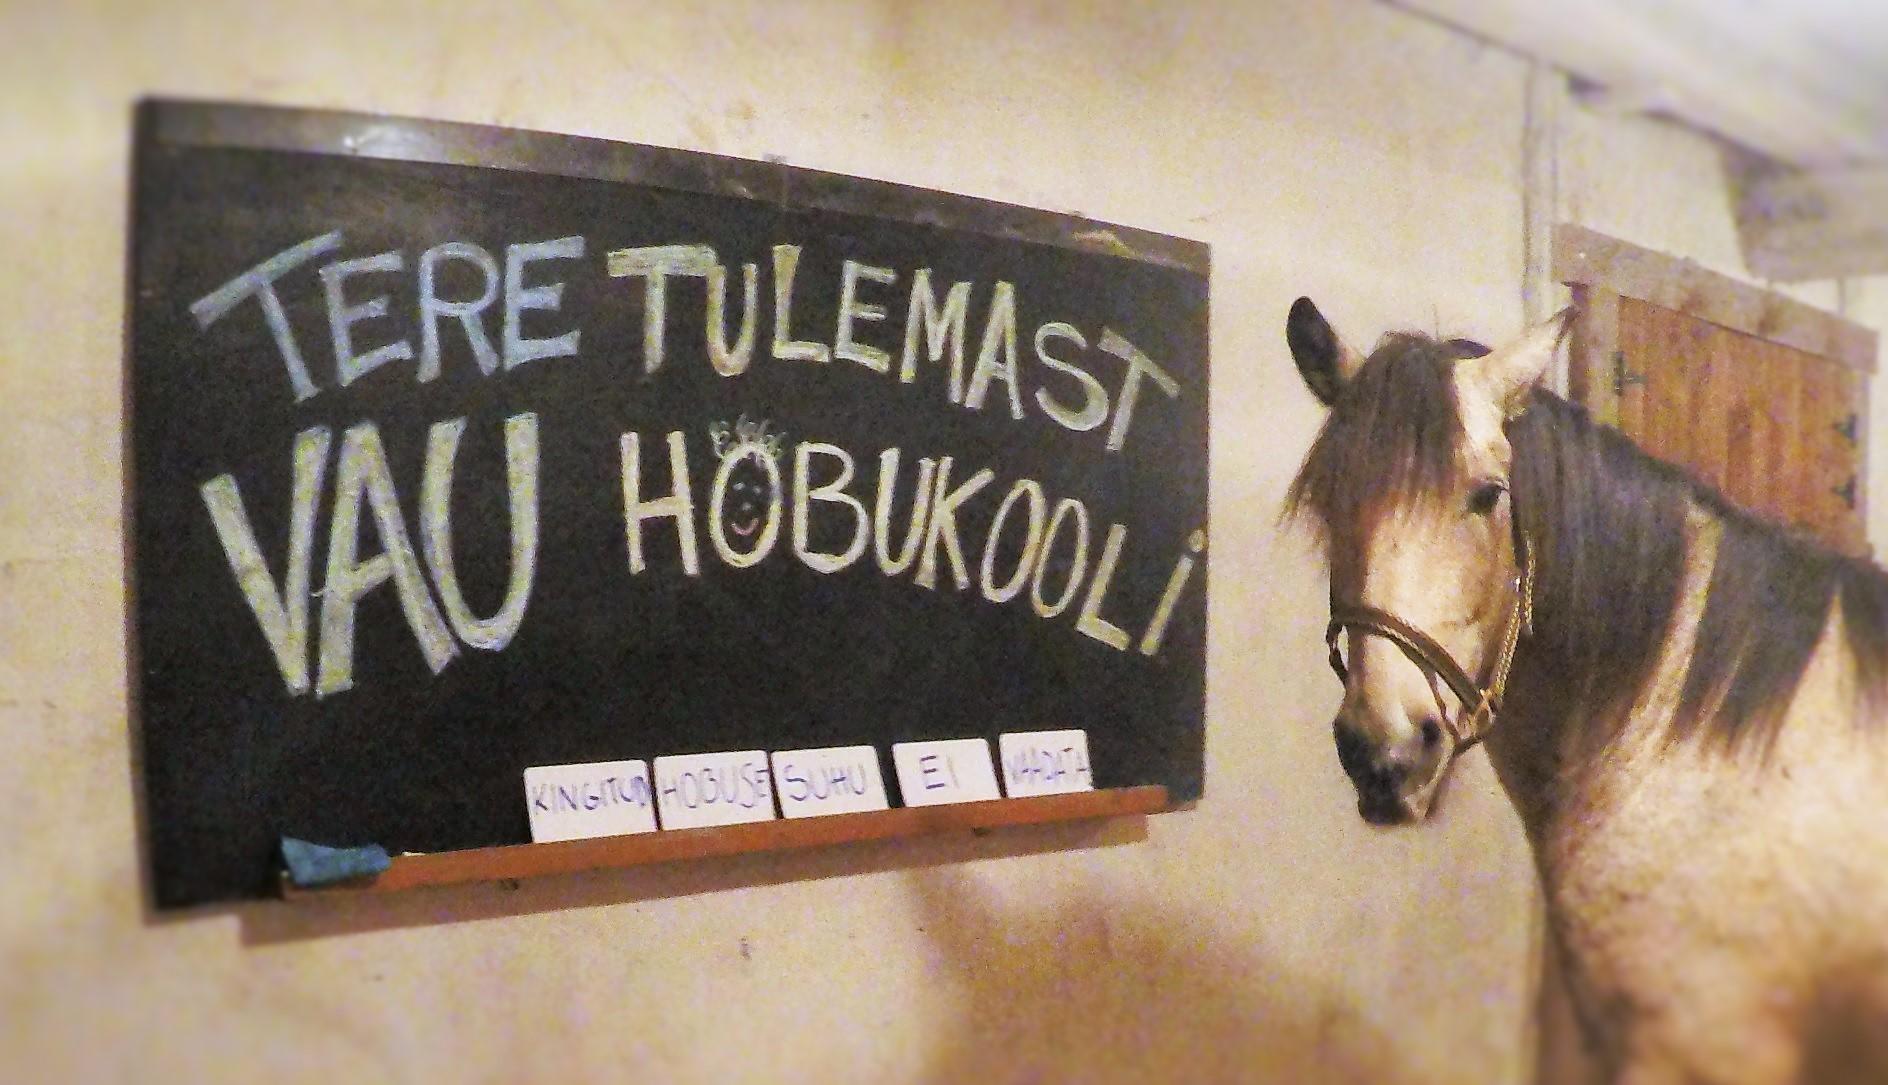 Hobukool